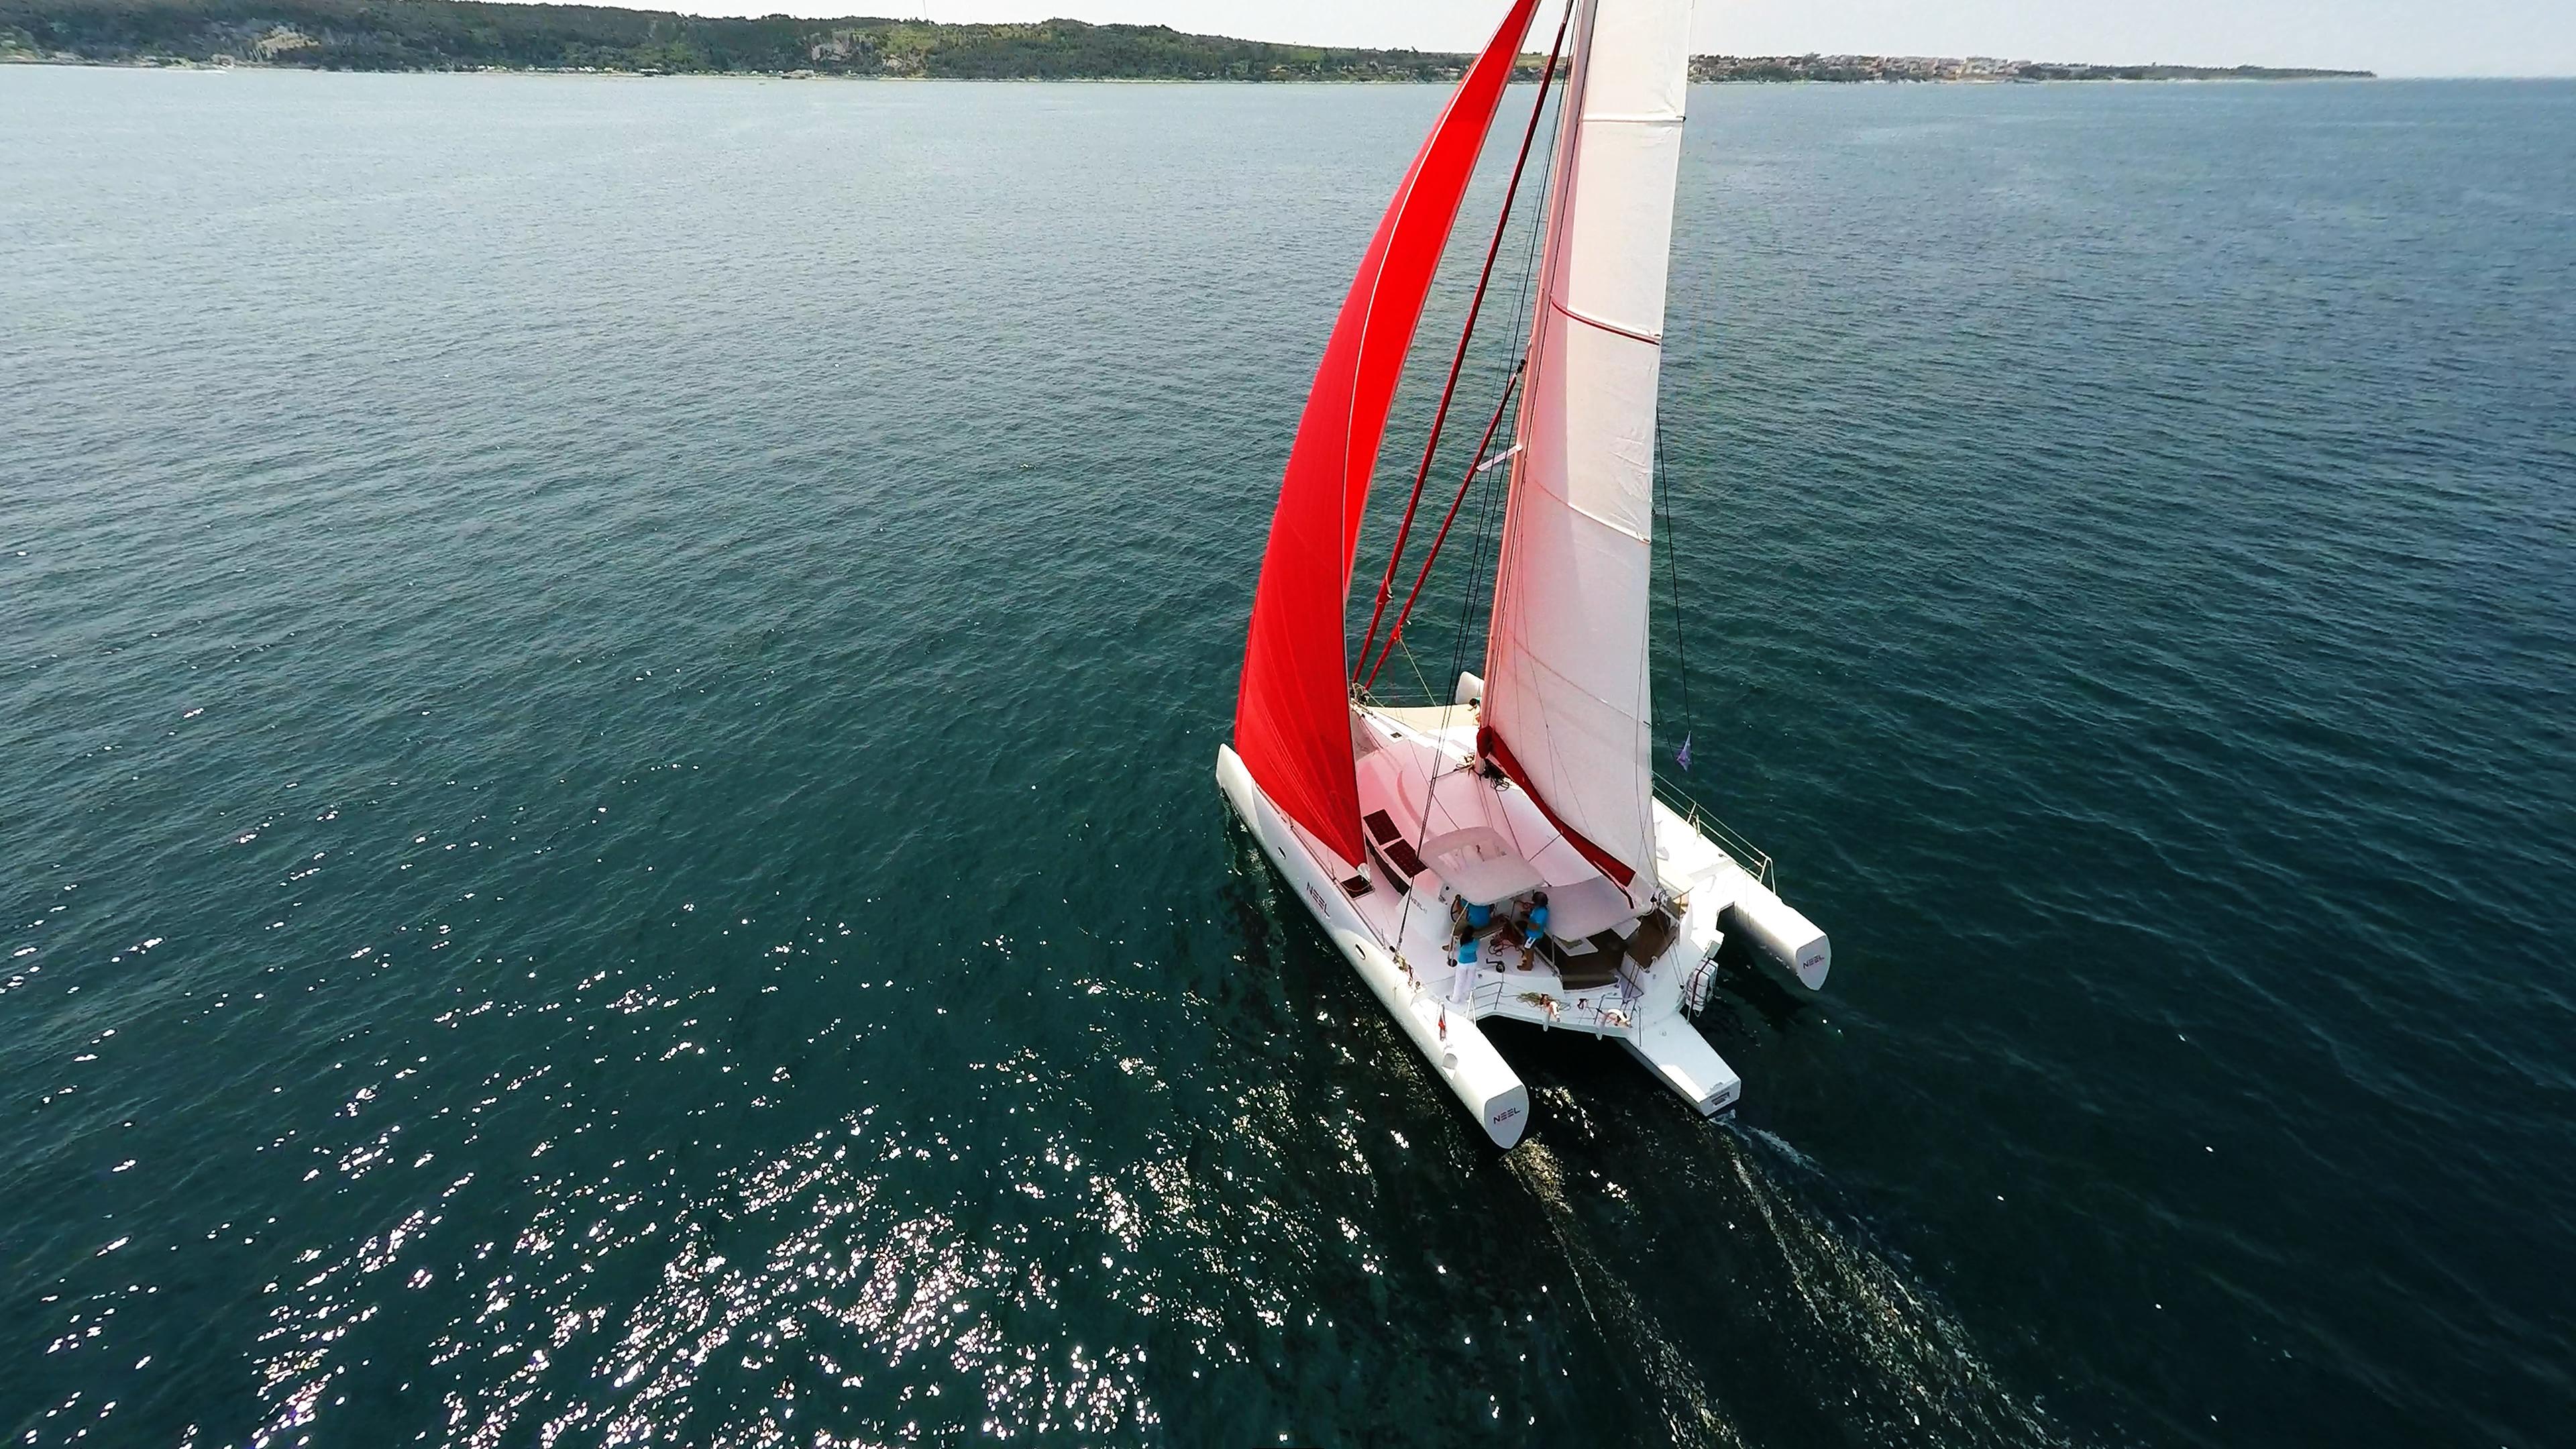 trimarano dall'alto rosso gennaker equipaggio in turchese magliette vela